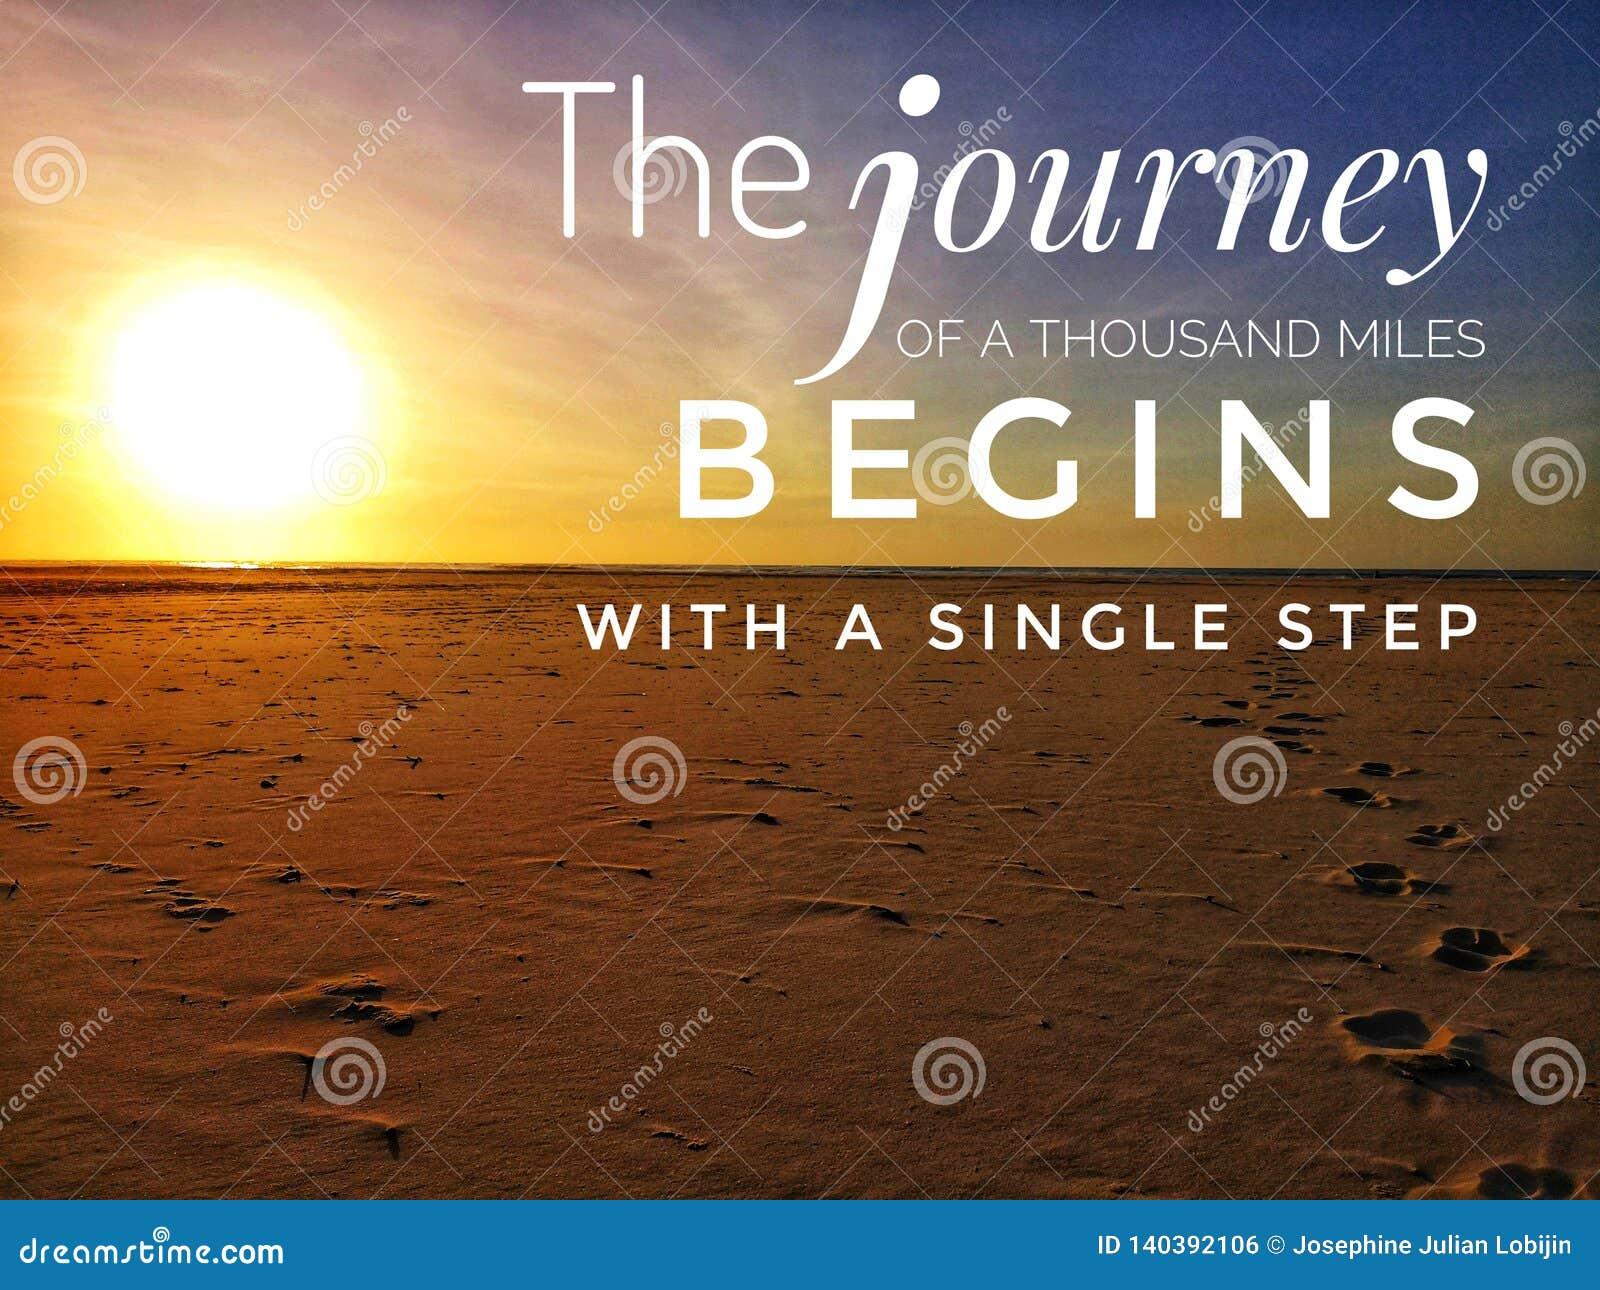 Το ταξίδι χιλίων μιλι ων αρχίζει με ένα σχέδιο ενιαίων βημάτων που ενθαρρύνουν και το βιώσιμο τρόπο ζωής